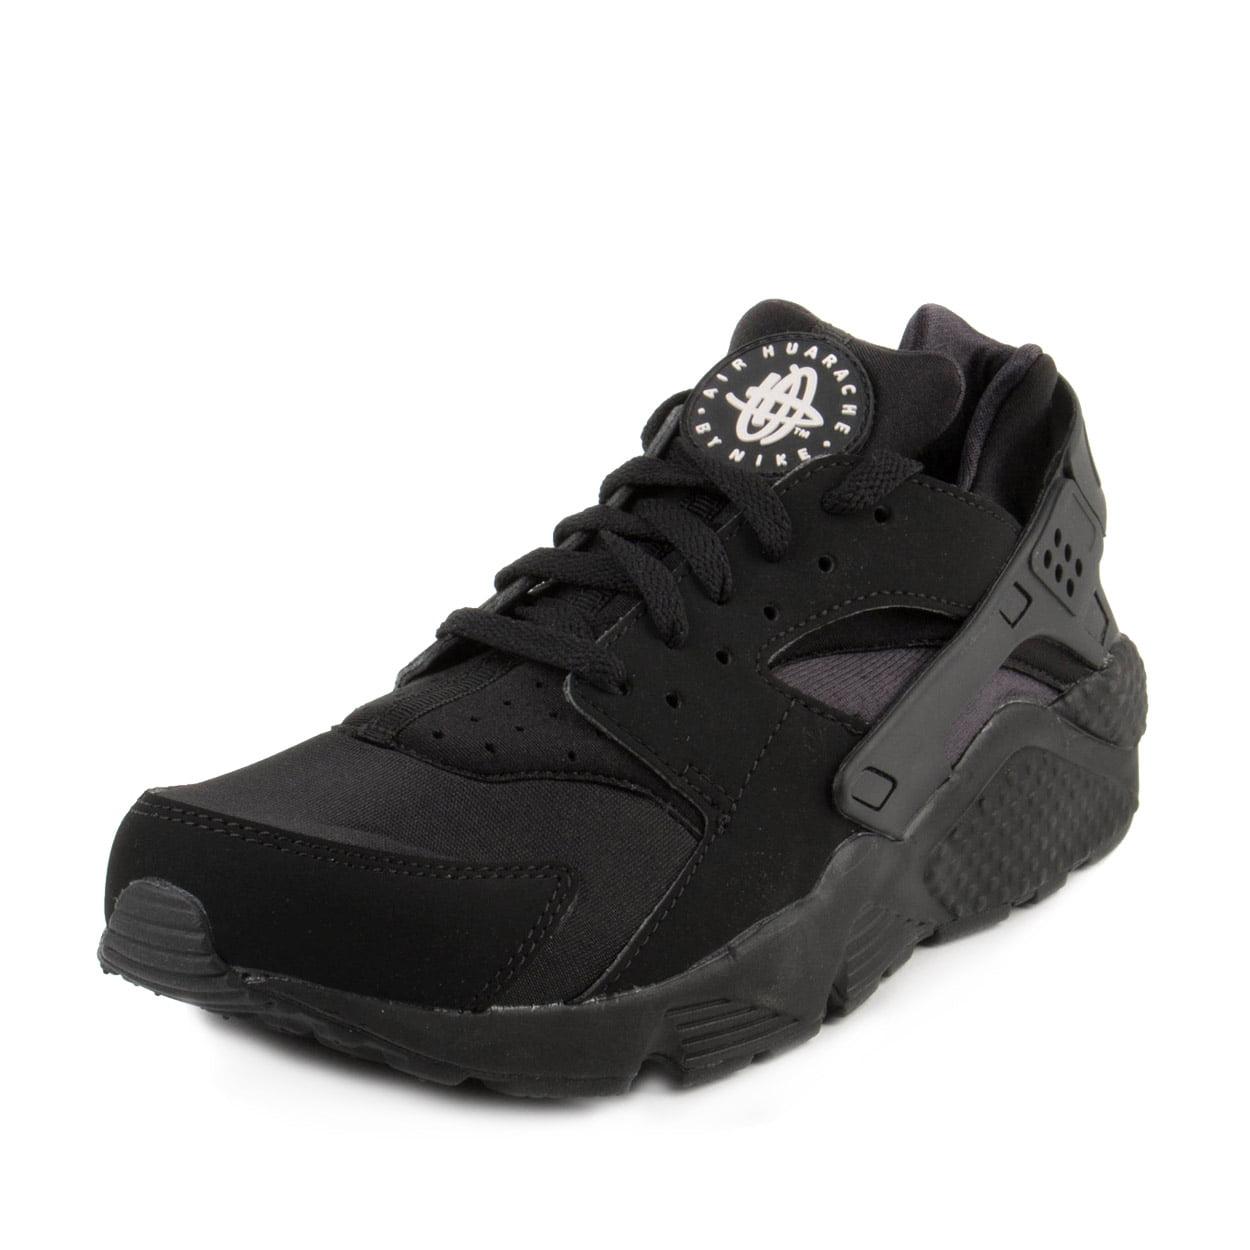 Nike Men's Air Huarache Running Shoe by Nike